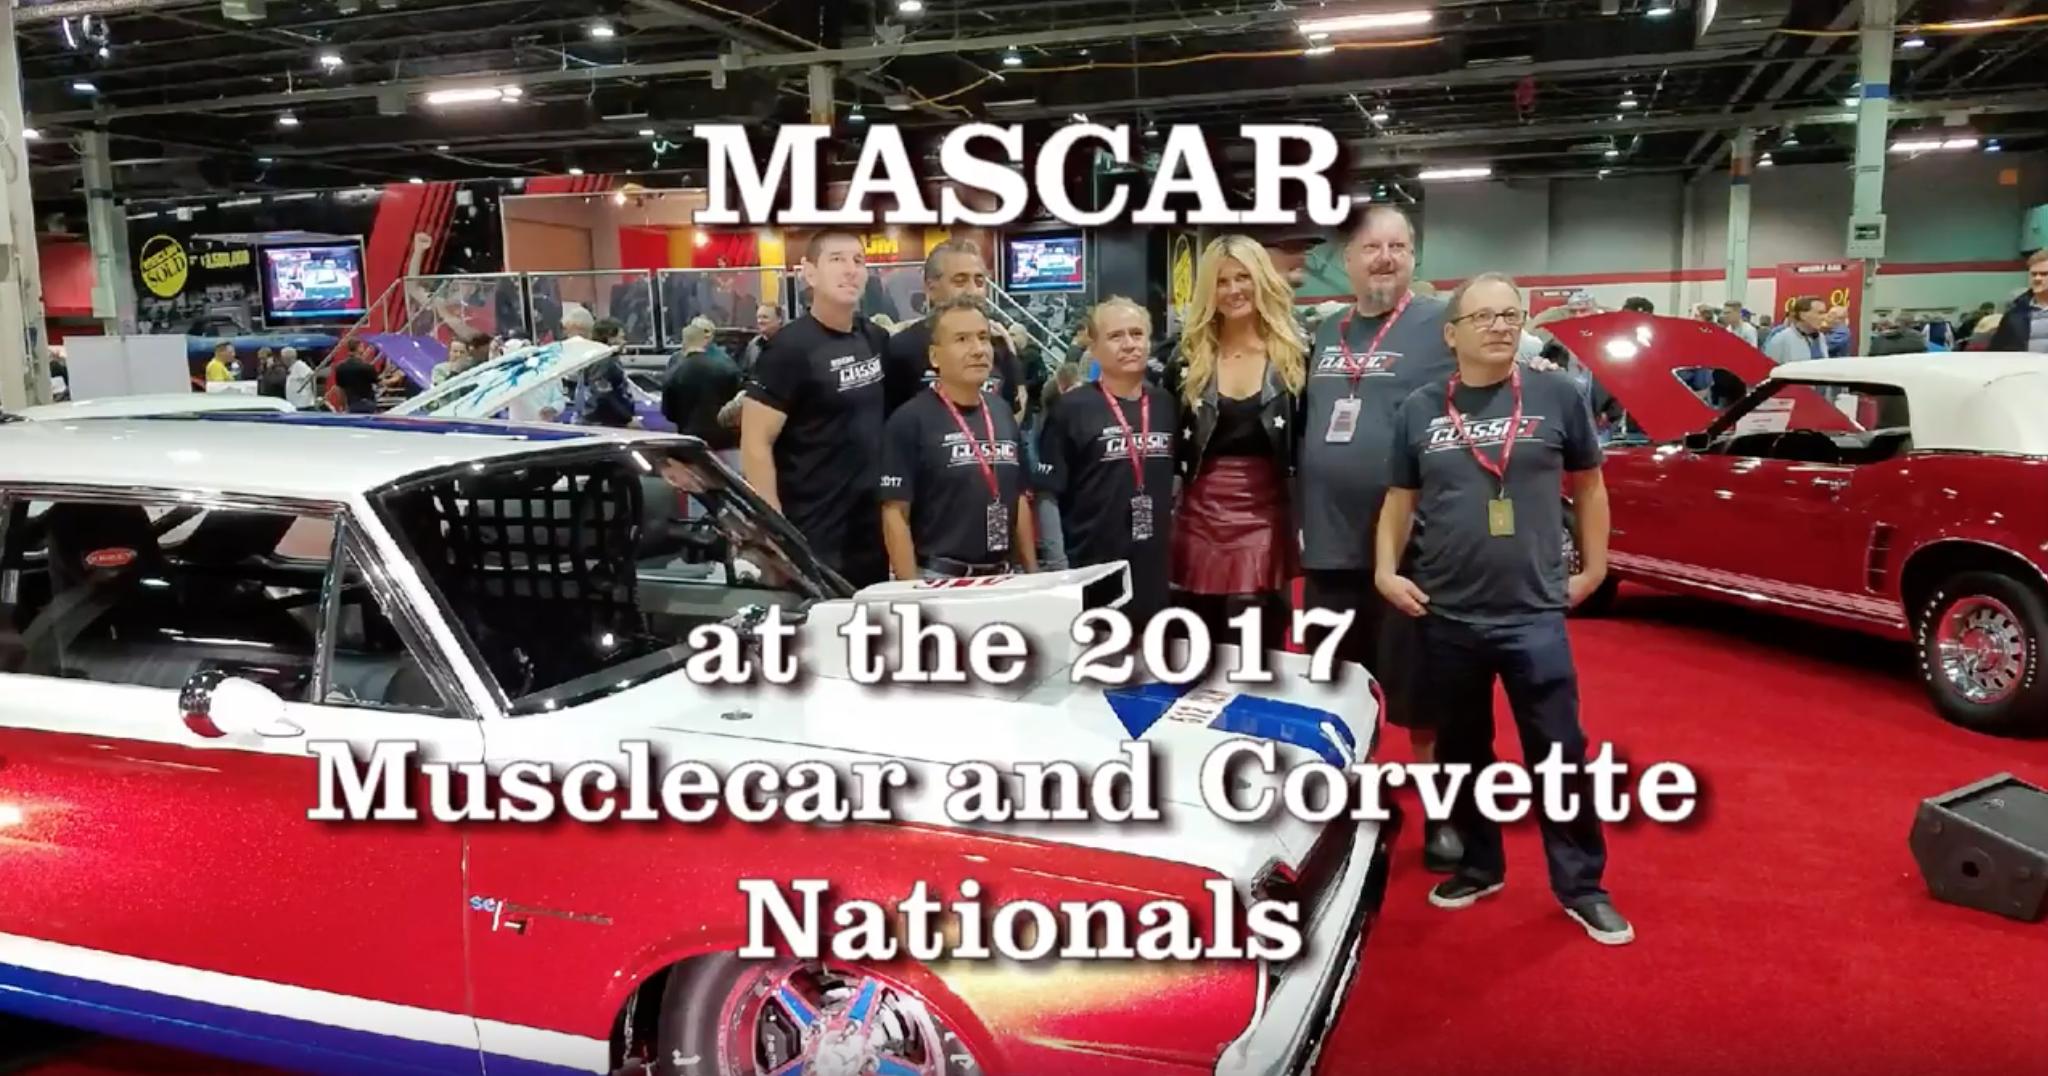 2017 Musclecar And Corvette Nationals Mascar Classics